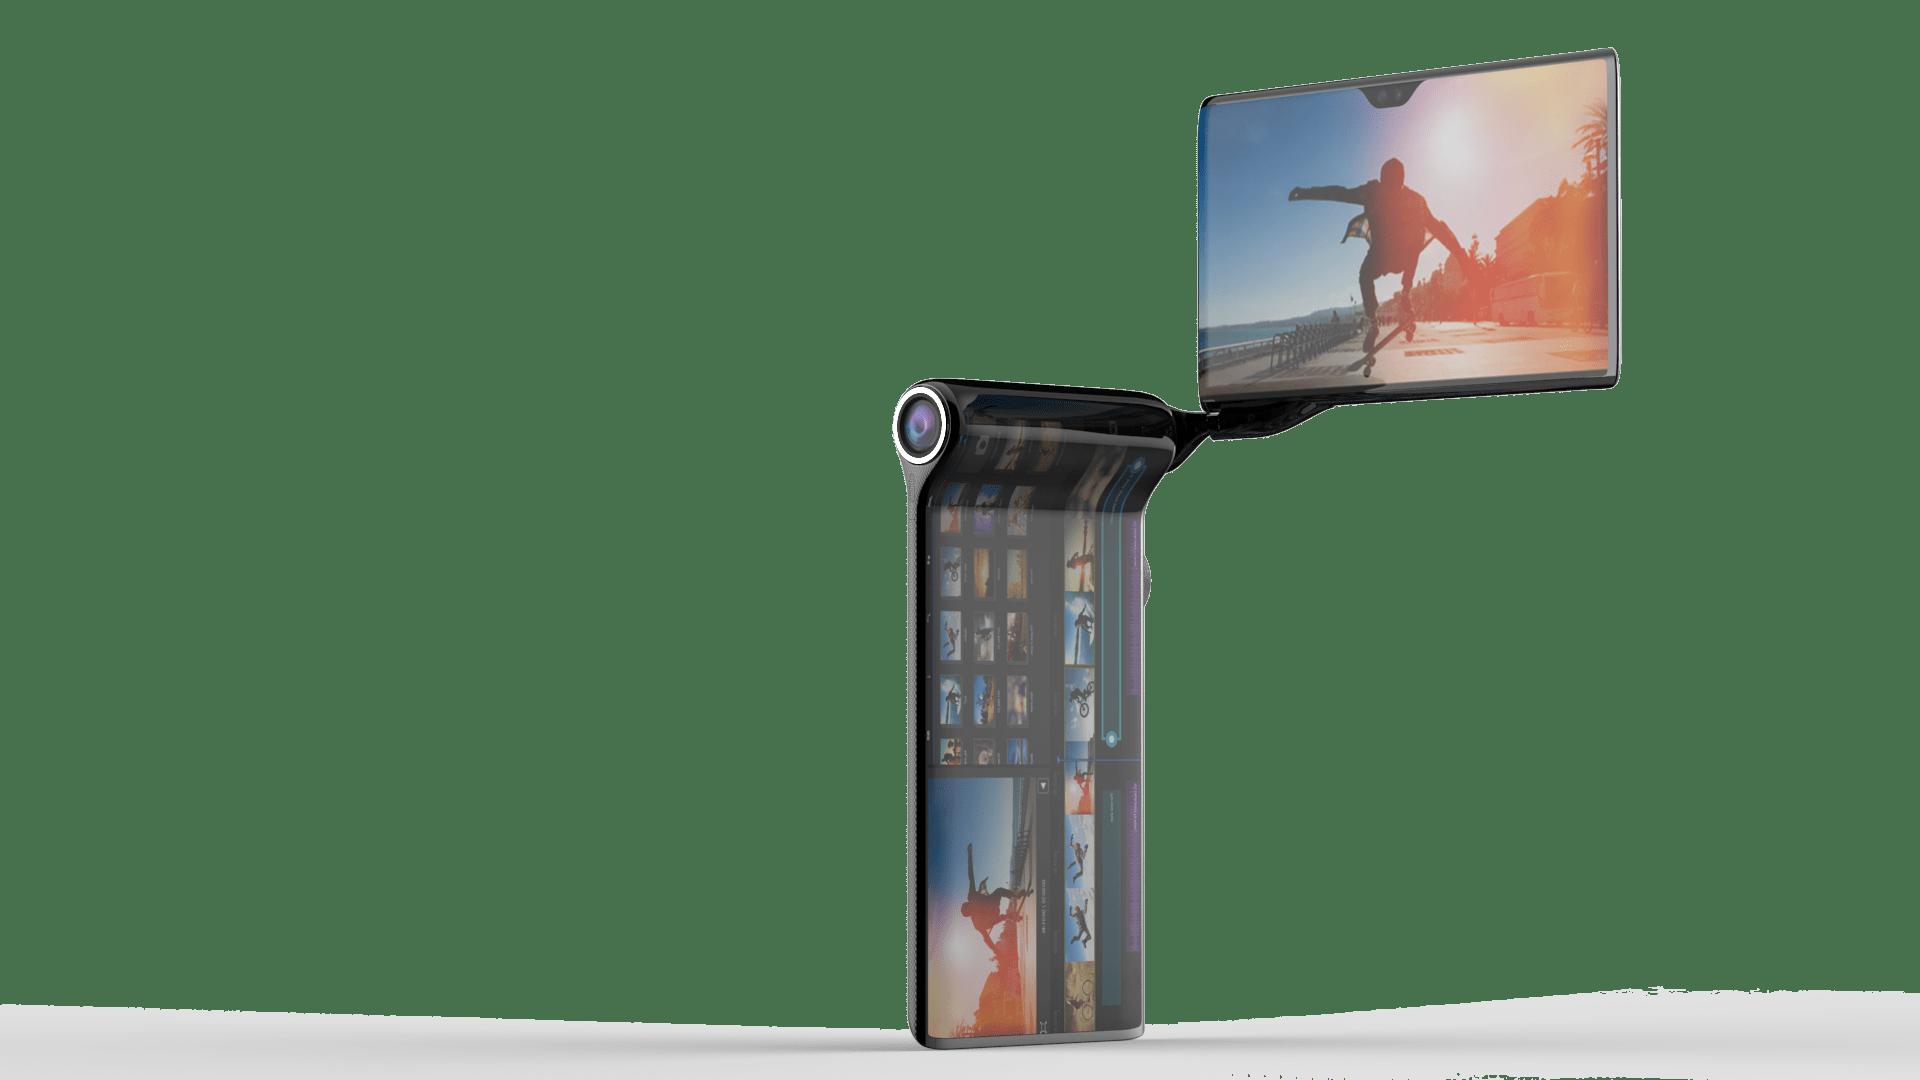 Tech'spresso : Free Mobile perd des clients, des infos sur le Mate 20 et un nouveau Turing Phone ahurissant